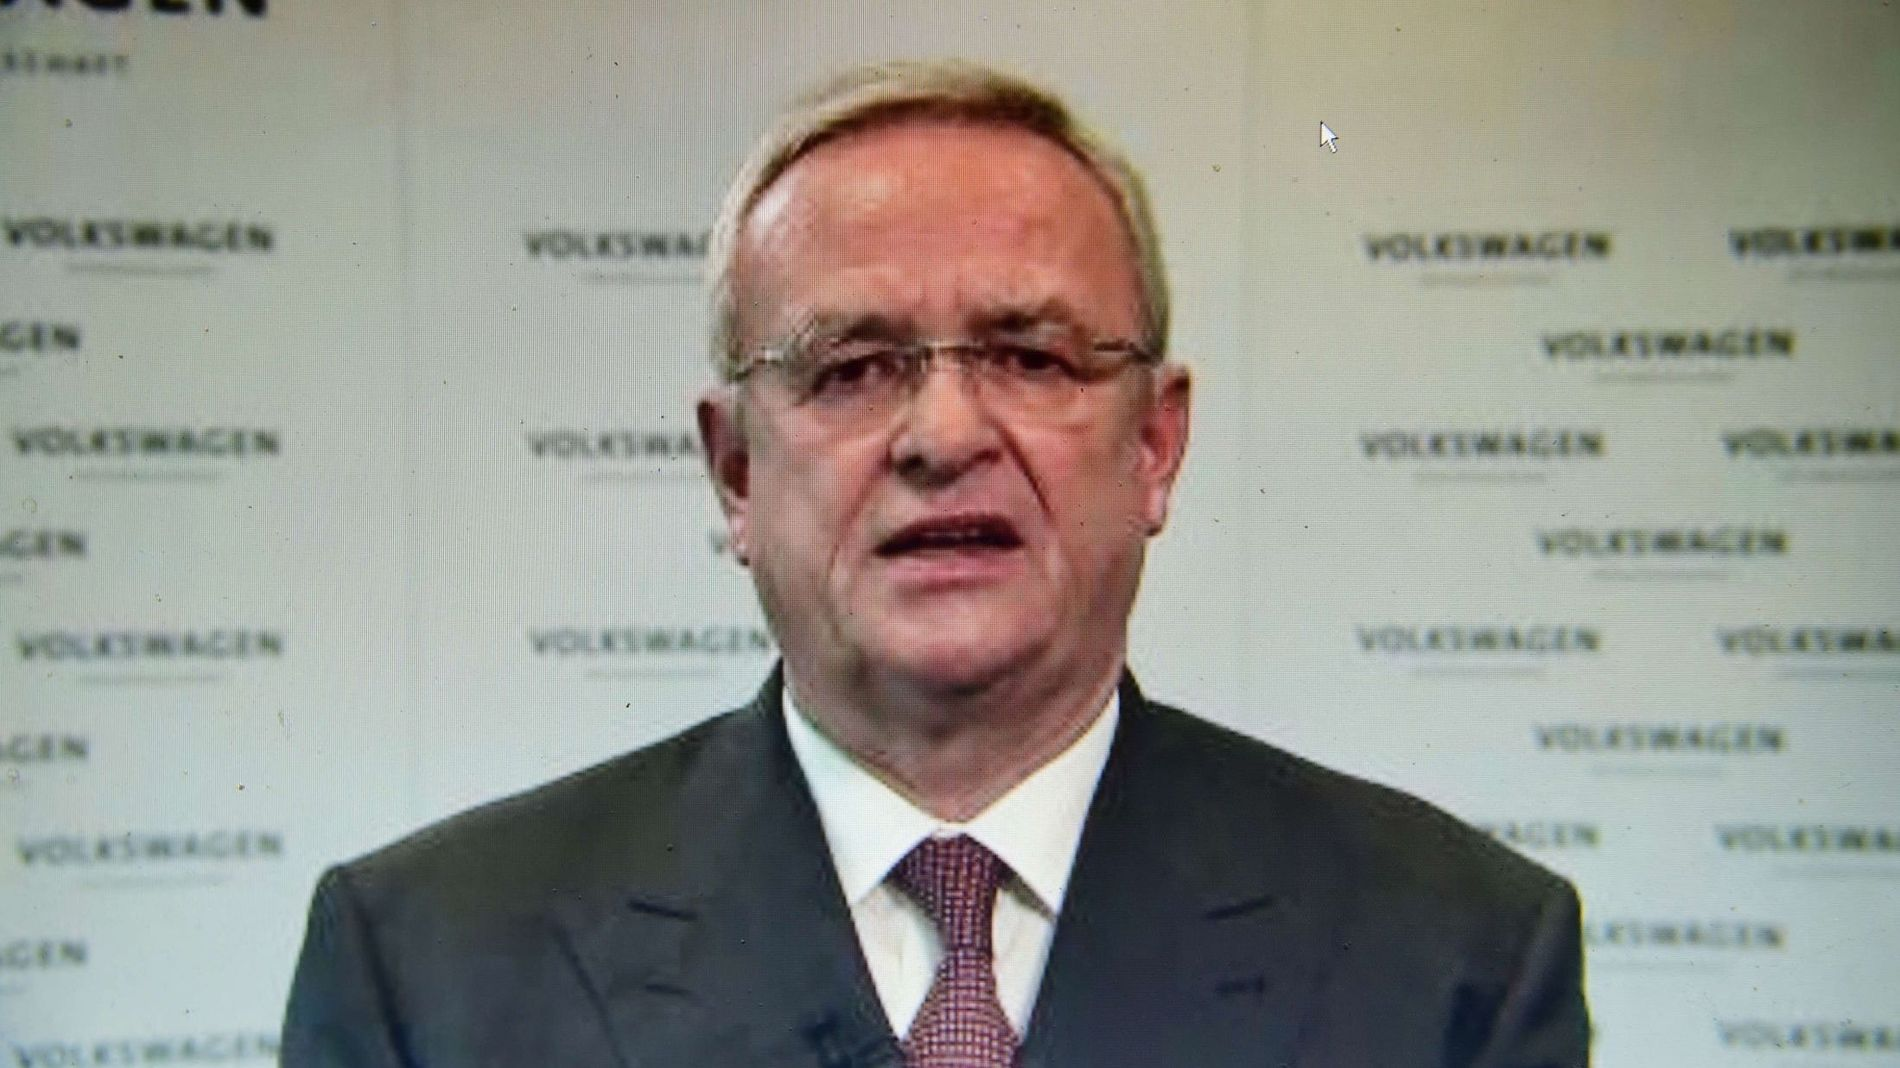 VOLKSWAGEN-SKANDALENS ANSIKT: Bildet er tatt av Volkswagen-sjefen Martin Winterkorn, da han tirsdag i en videomelding beklaget utslipps-skandalen.